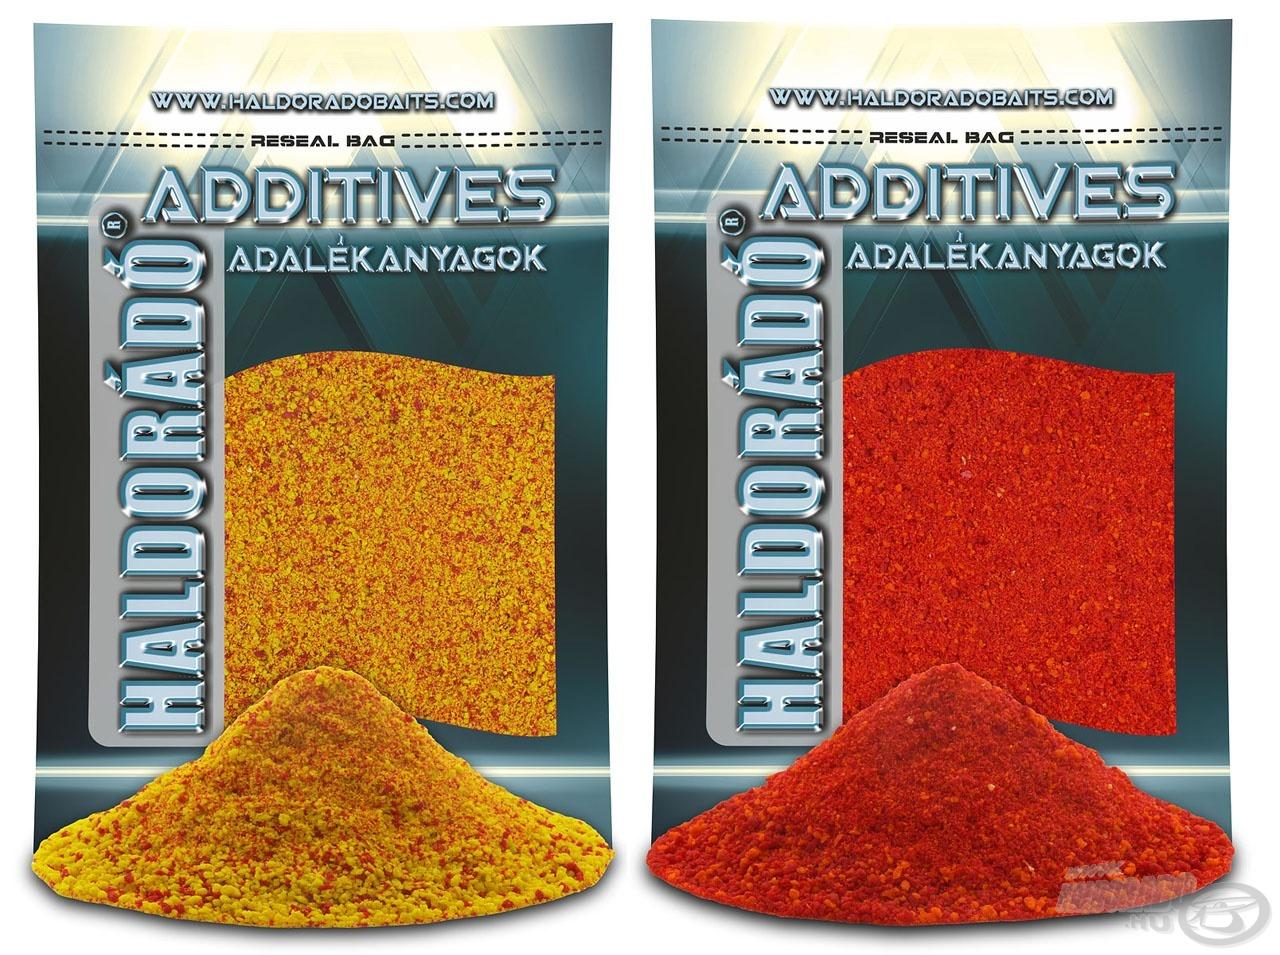 A pontyos és kárászos verseny etetőanyagok titkos adalékanyagai a piros és sárga pastonchinók. Ezek Haldorádó változatai sem szokványos módon épülnek fel!